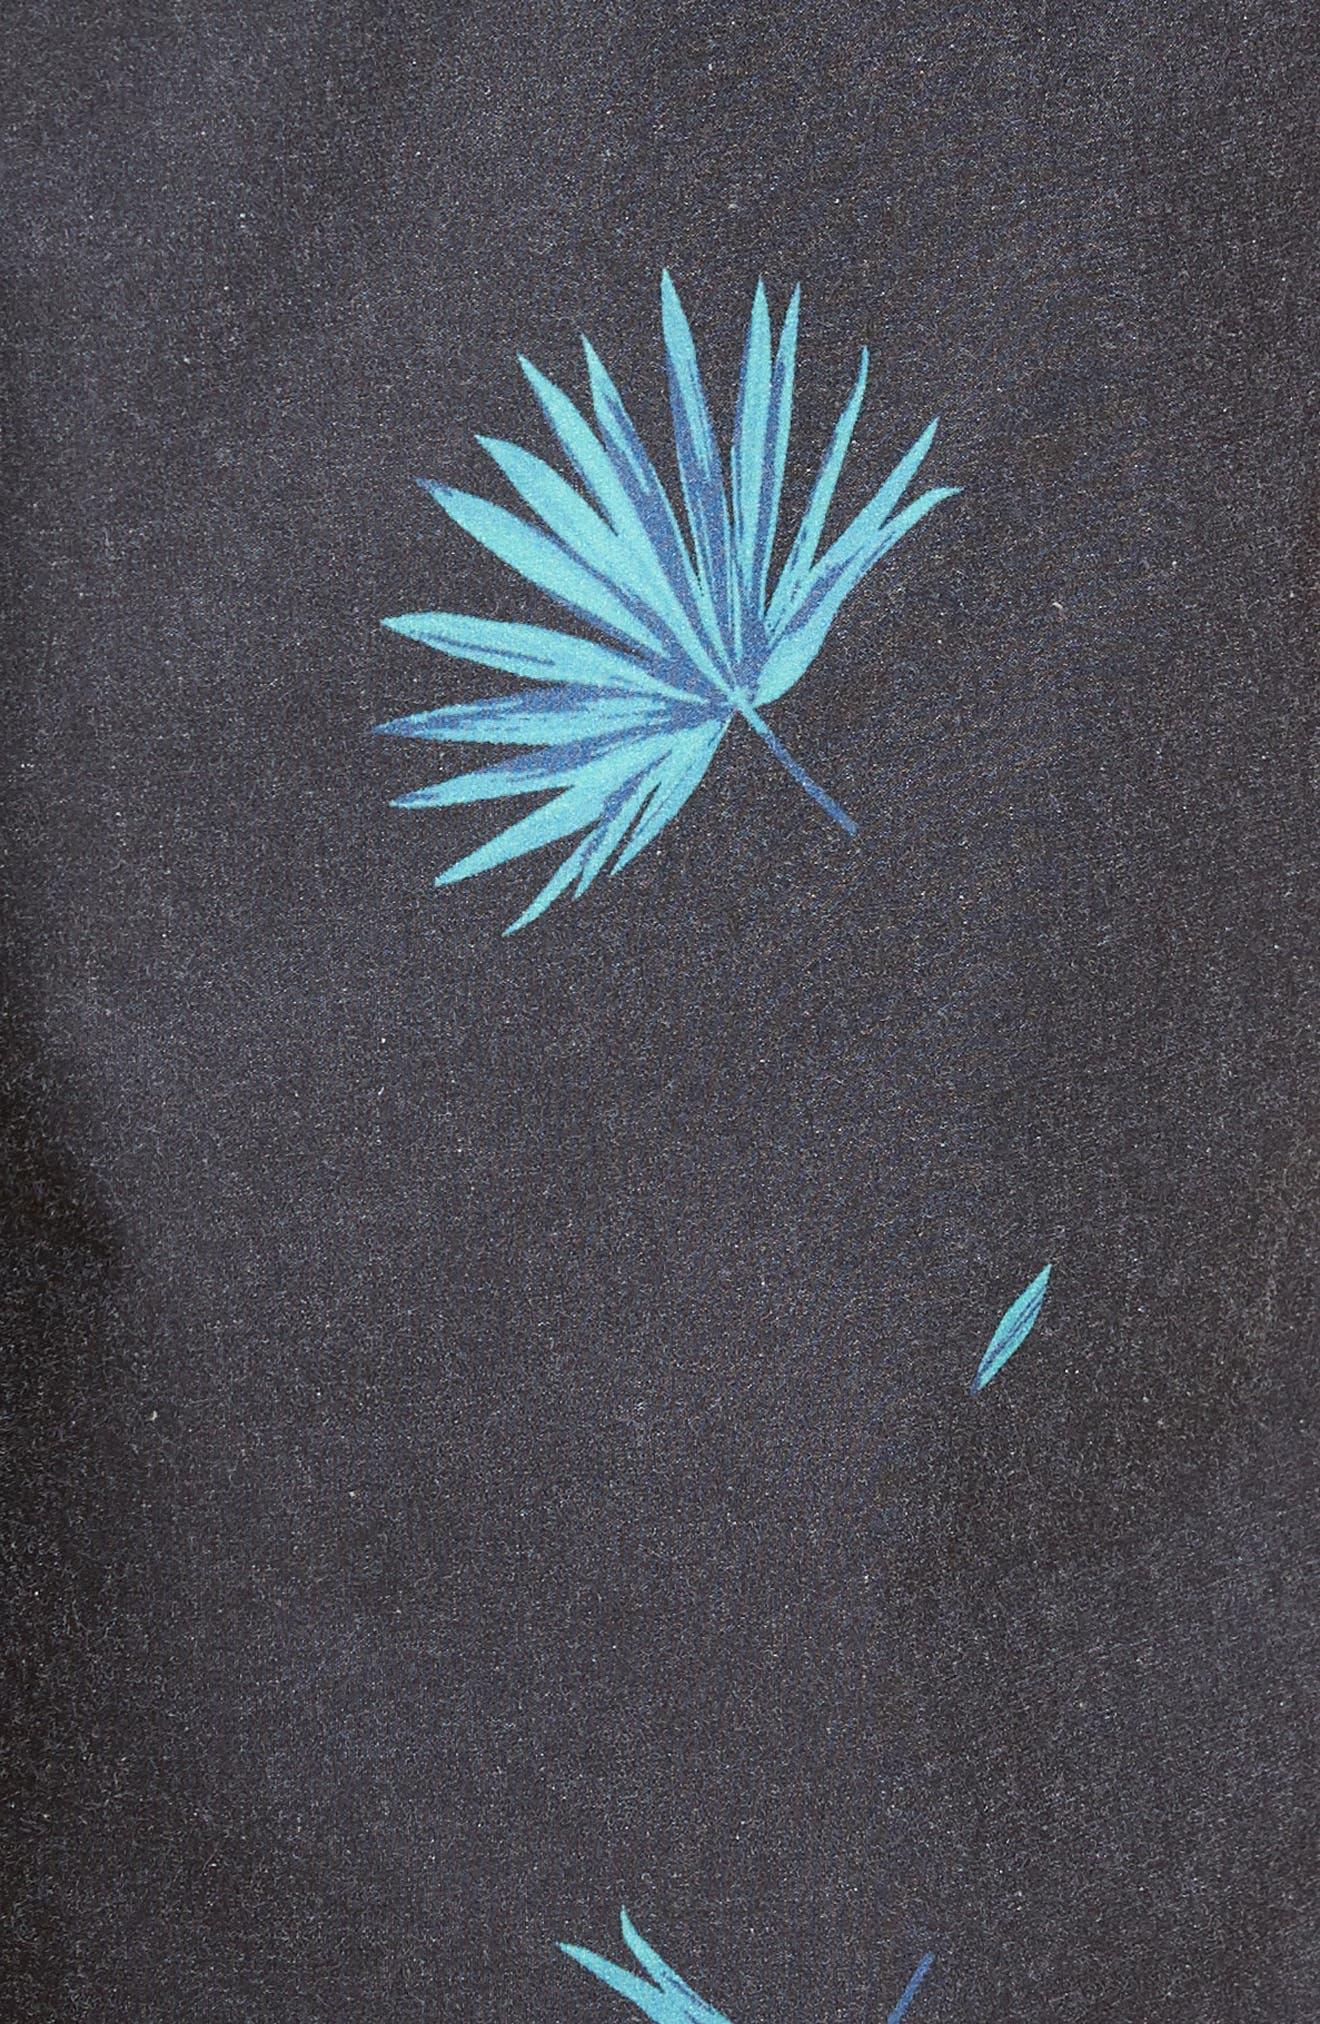 Broker Swim Trunks,                             Alternate thumbnail 5, color,                             Kana Vintage Black